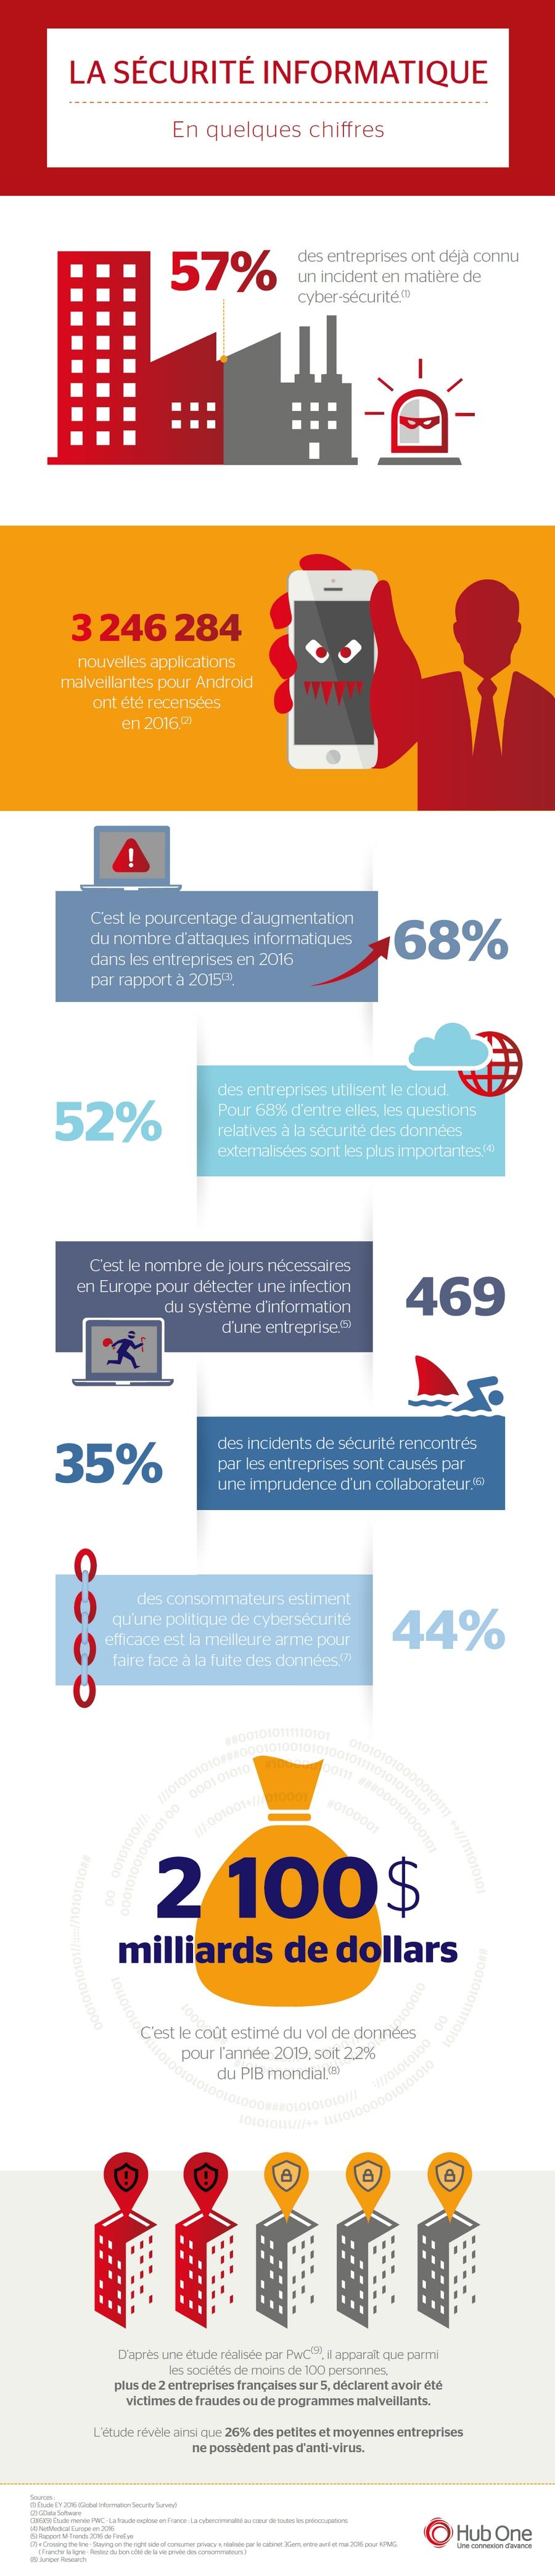 Infographie Hub One : La sécurité informatique en quelques chiffres